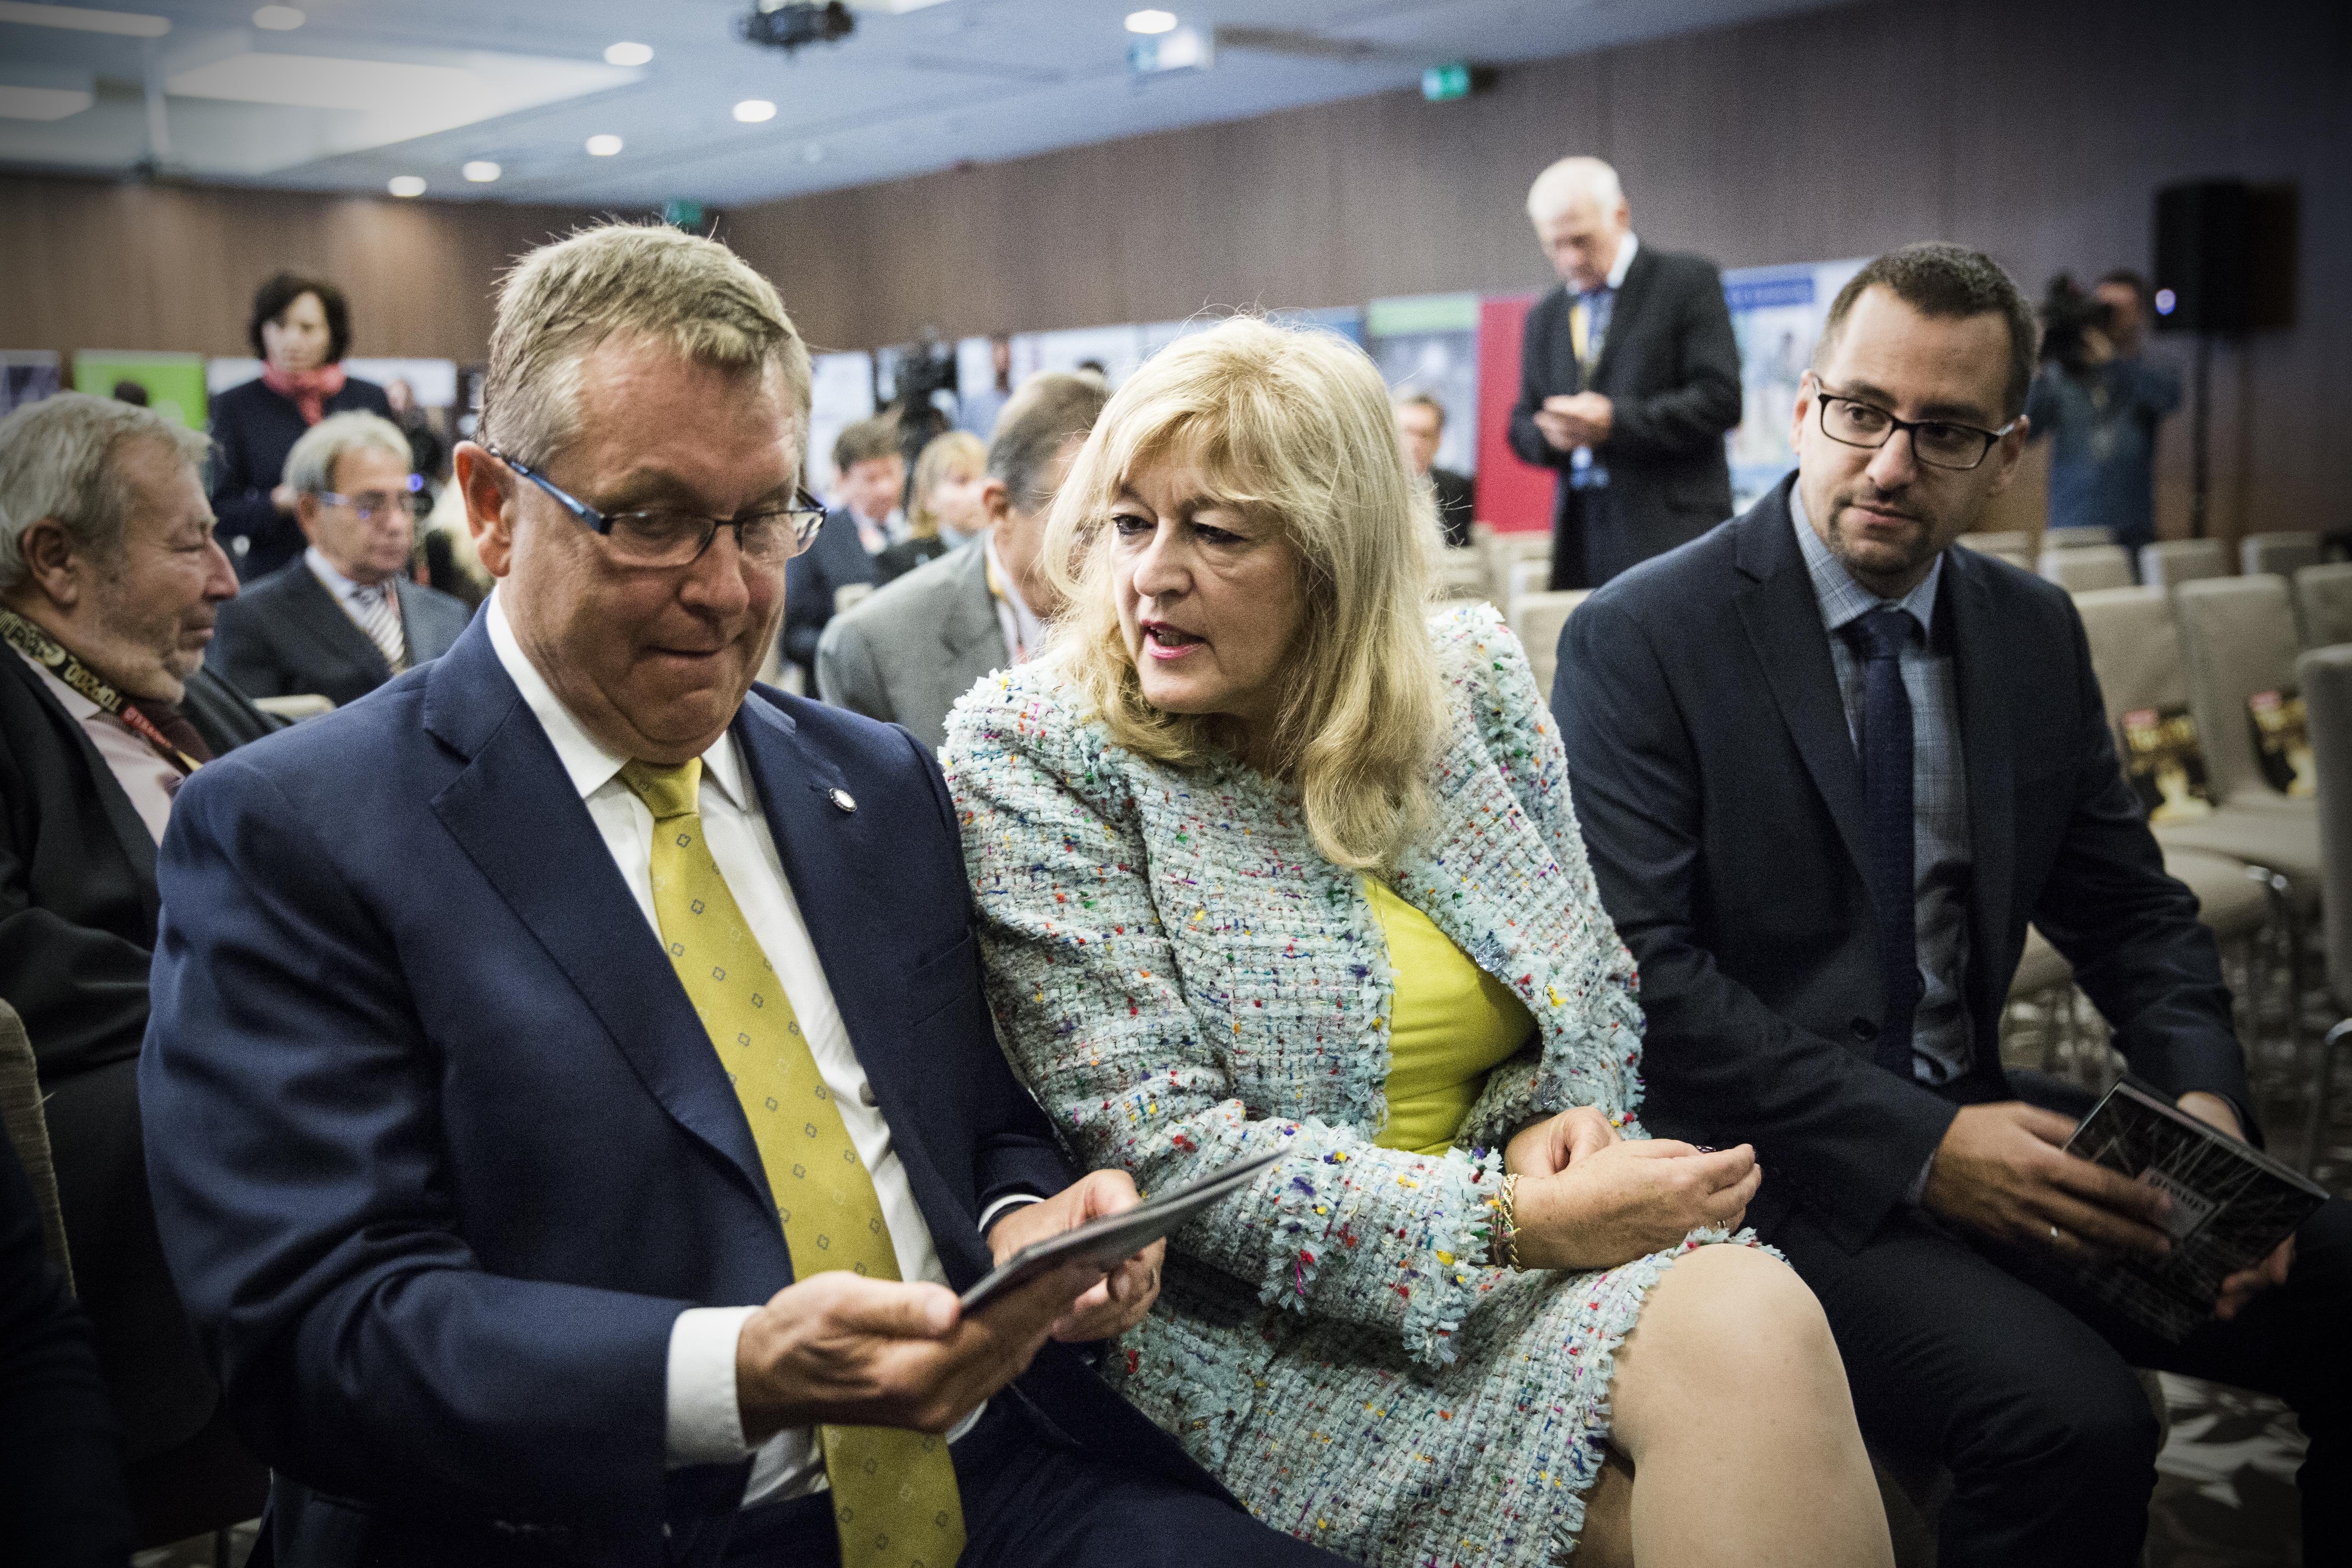 Szólt a Magyar Idők kultúrharcosa, hogy ideológiailag nem megfelelő egy művészeti alapítvány, az MNB máris vizsgálatot indít